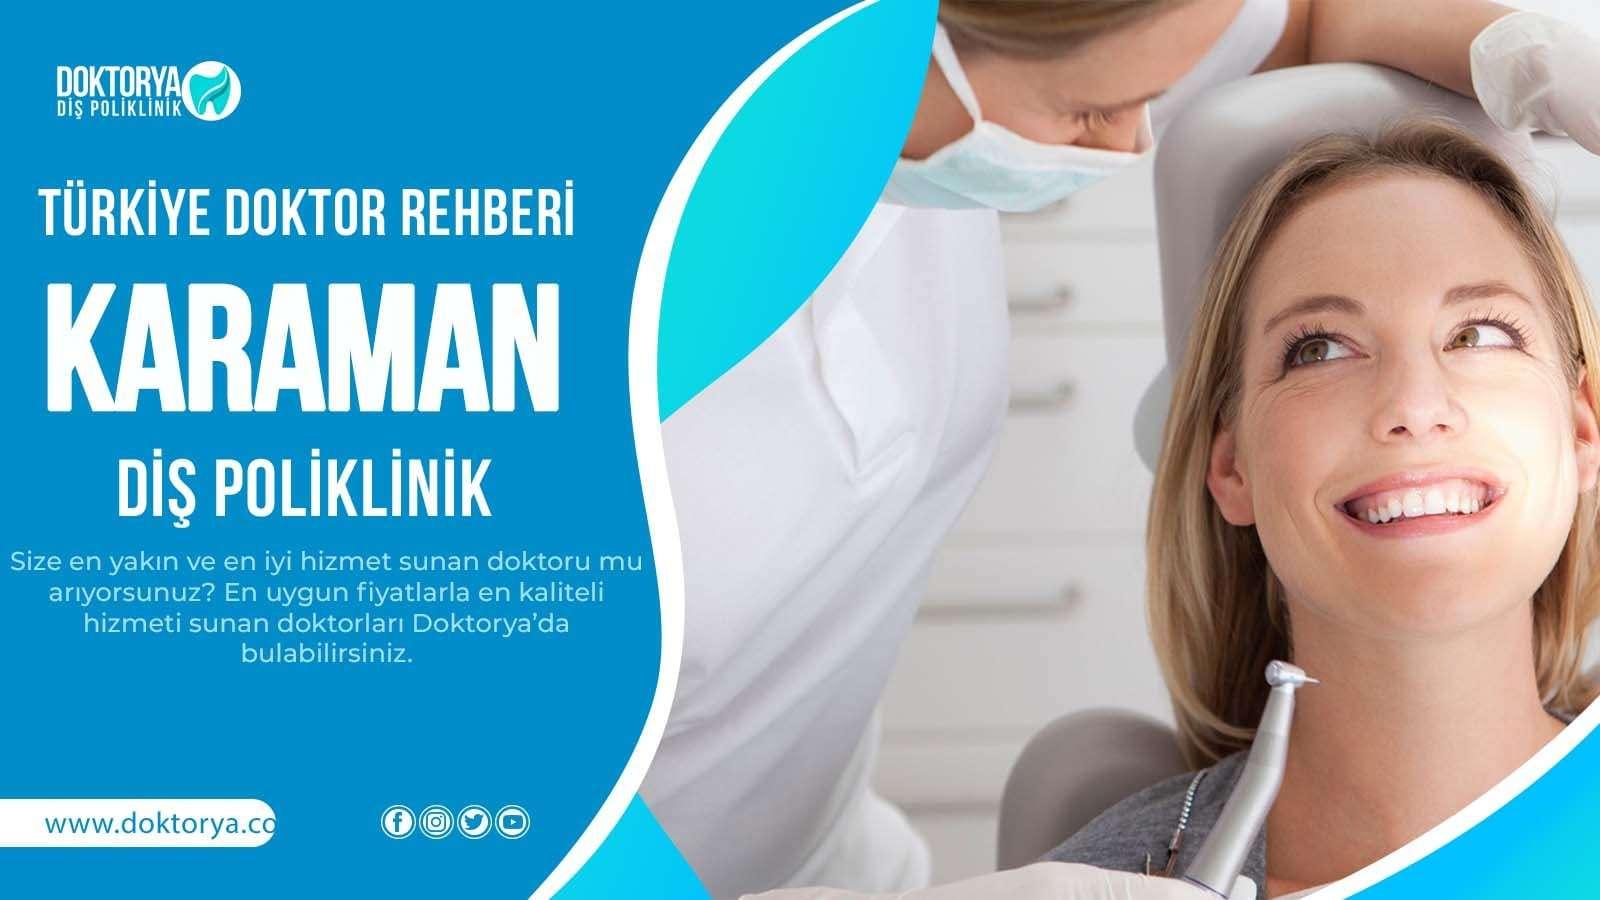 Karaman Diş Poliklinik